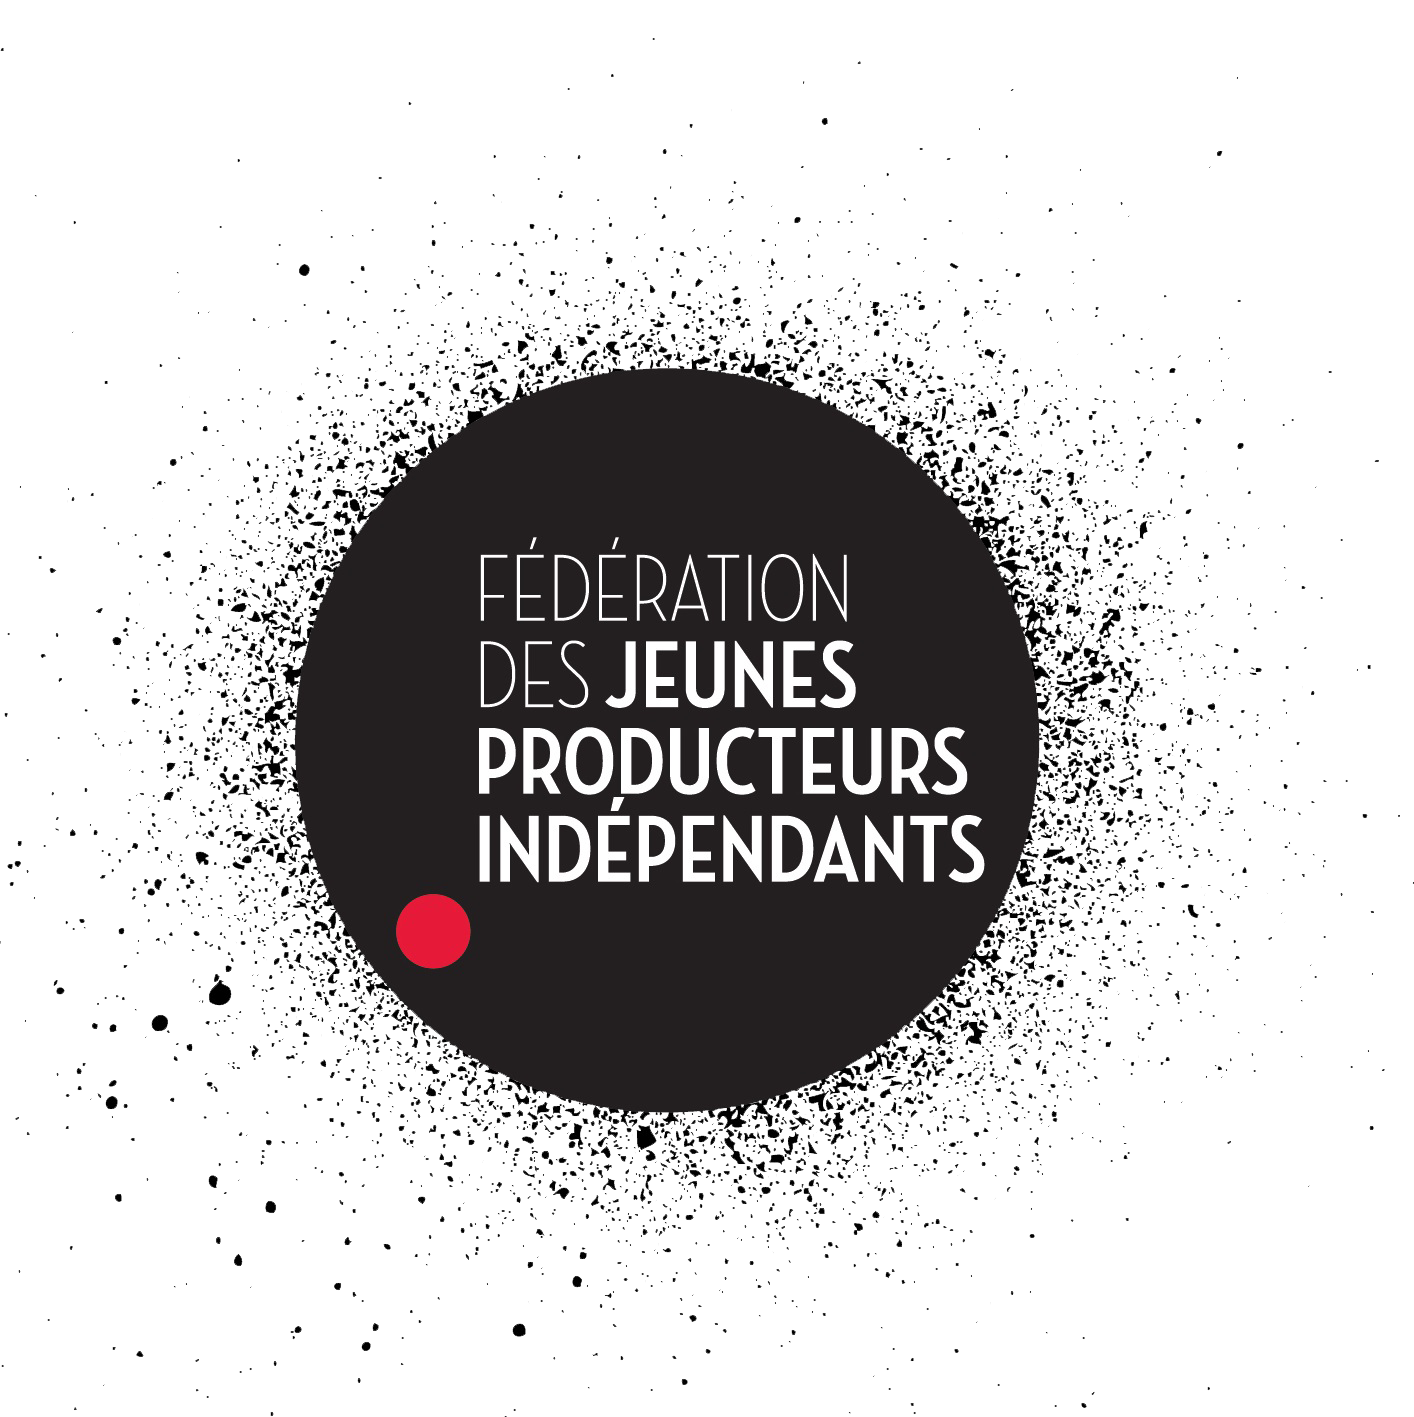 Fédération des Jeunes Producteurs Indépendants (FJPI)